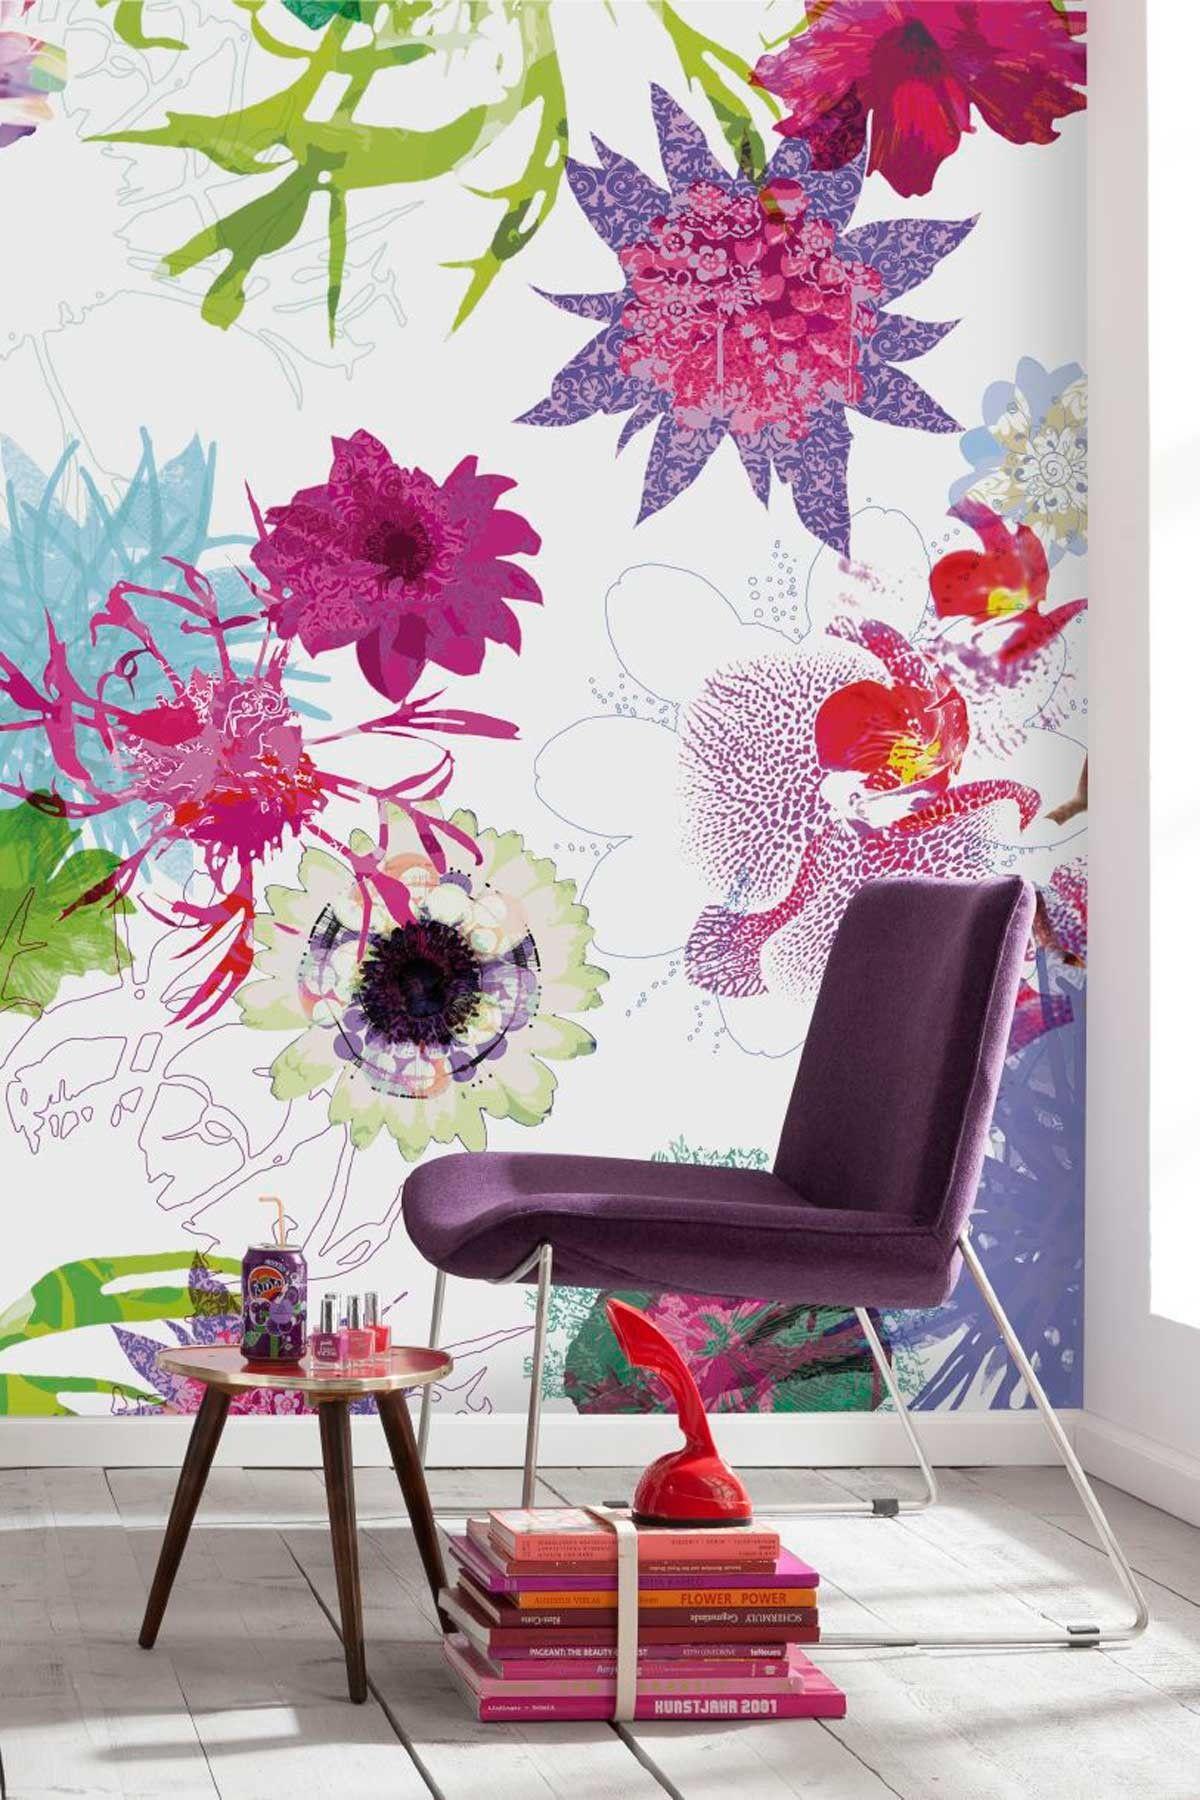 Grand imprimé floral lumineux sur le mur